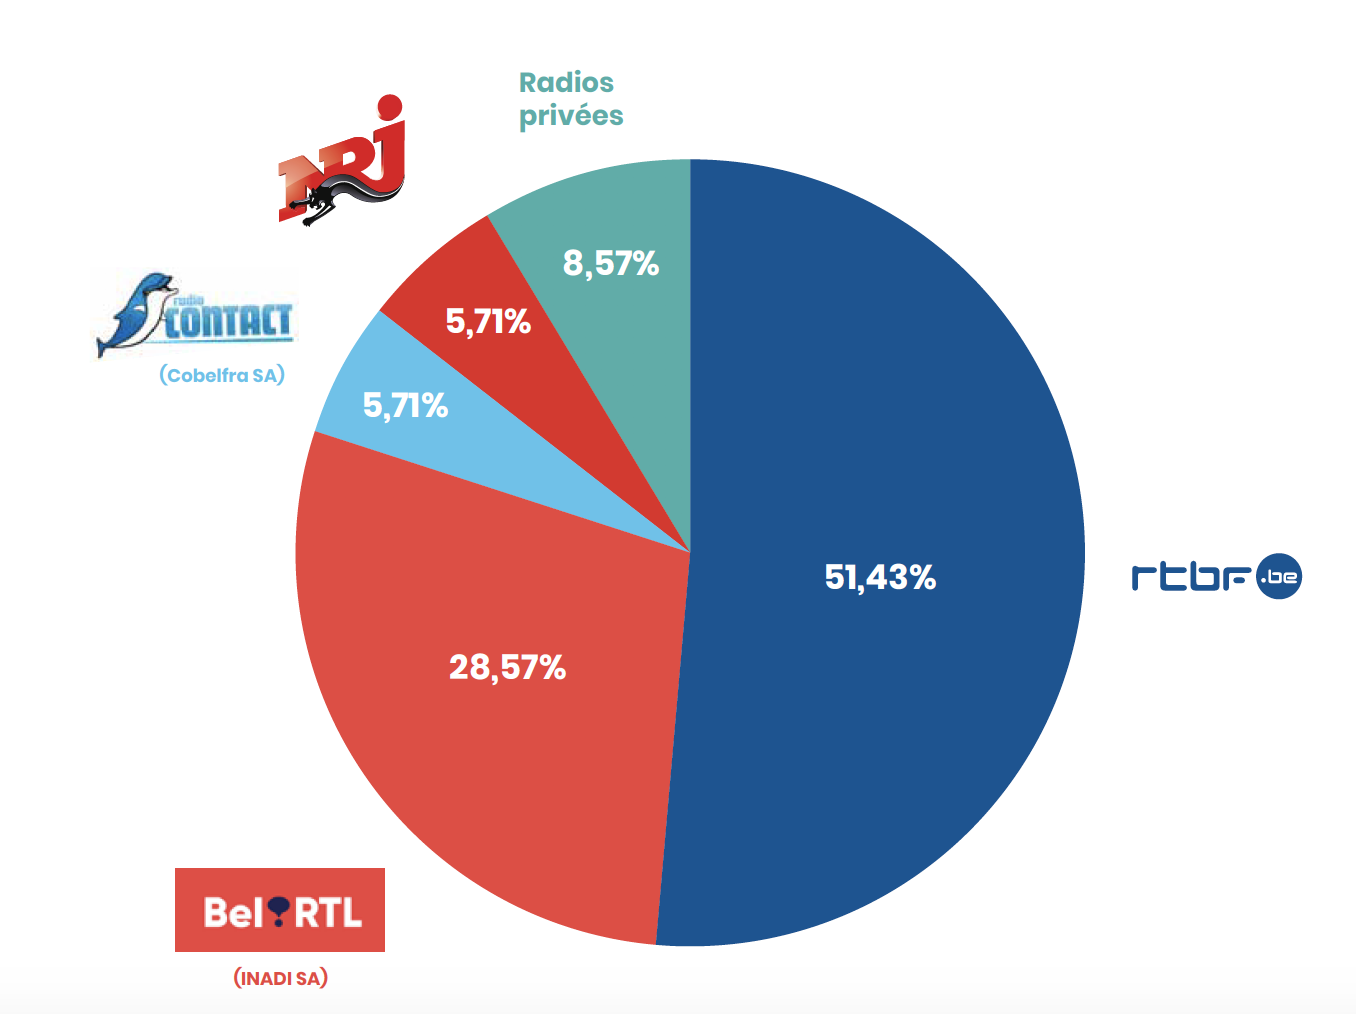 """éditeurs visés par les plaintes en radio.  """"La proportion importante des plaintes visant RTL doit être relativisée par les 36 plaintes relatives à un même reportage dans le JT. Il n'y a par contre pas de plainte multiple significative en radio"""" précise le CSA"""